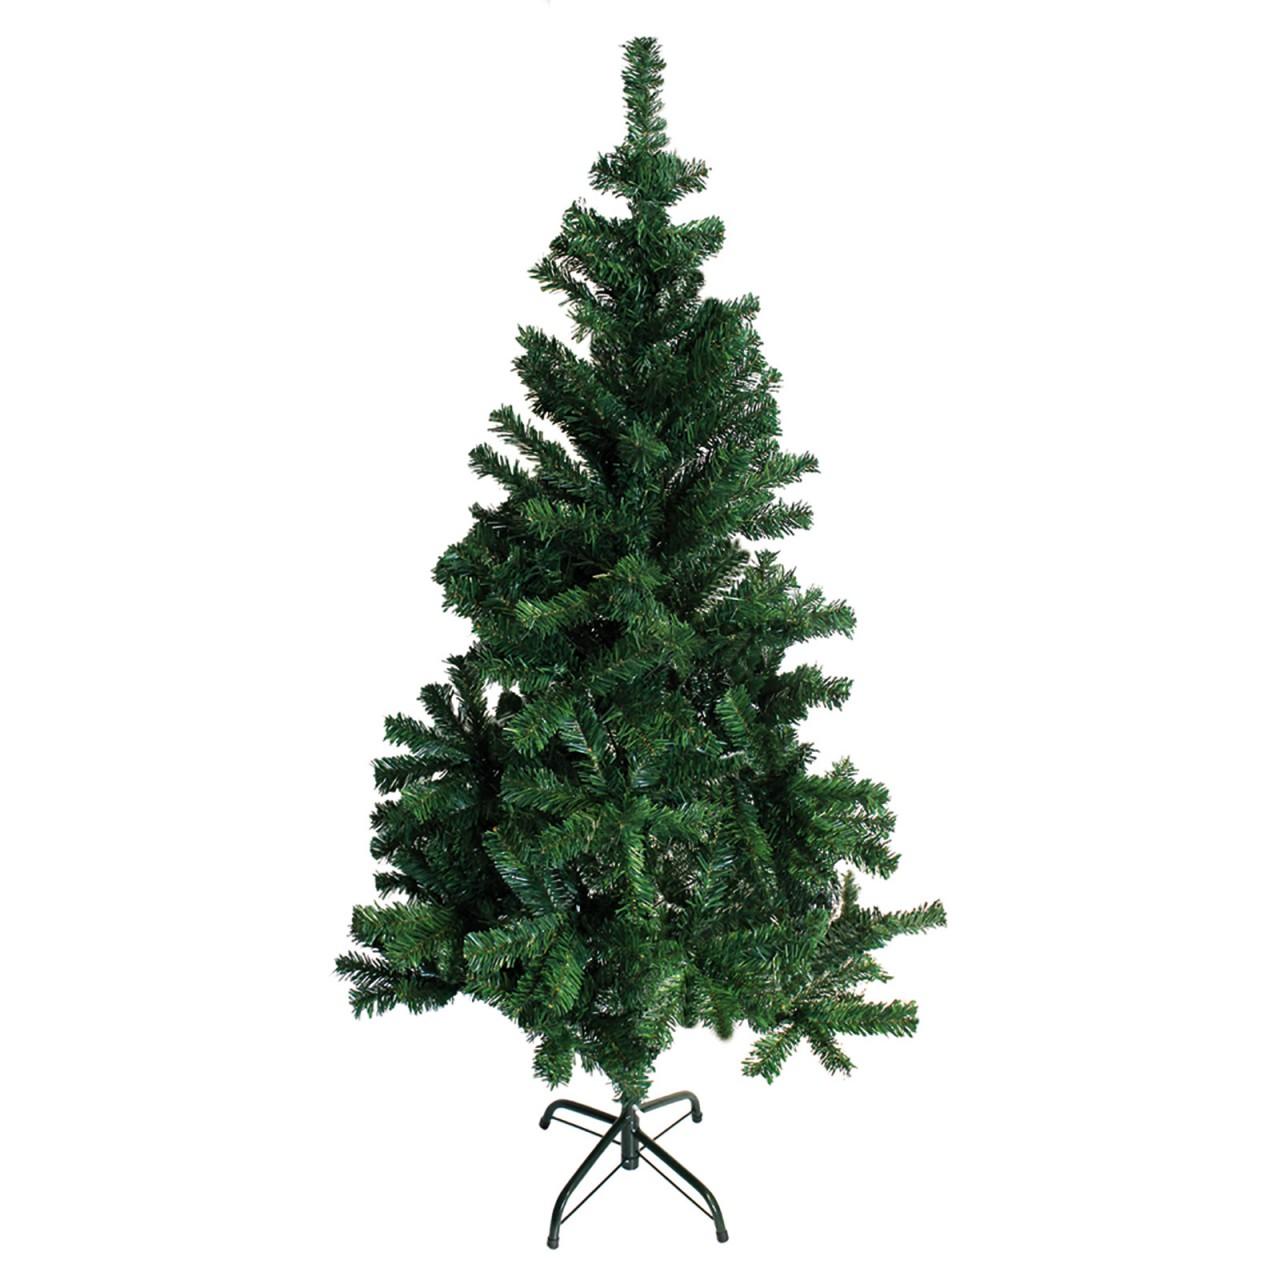 Künstlich Weihnachtsbaum.Lex Künstlicher Weihnachtsbaum Inkl Ständer Farbe Grün 120 Cm